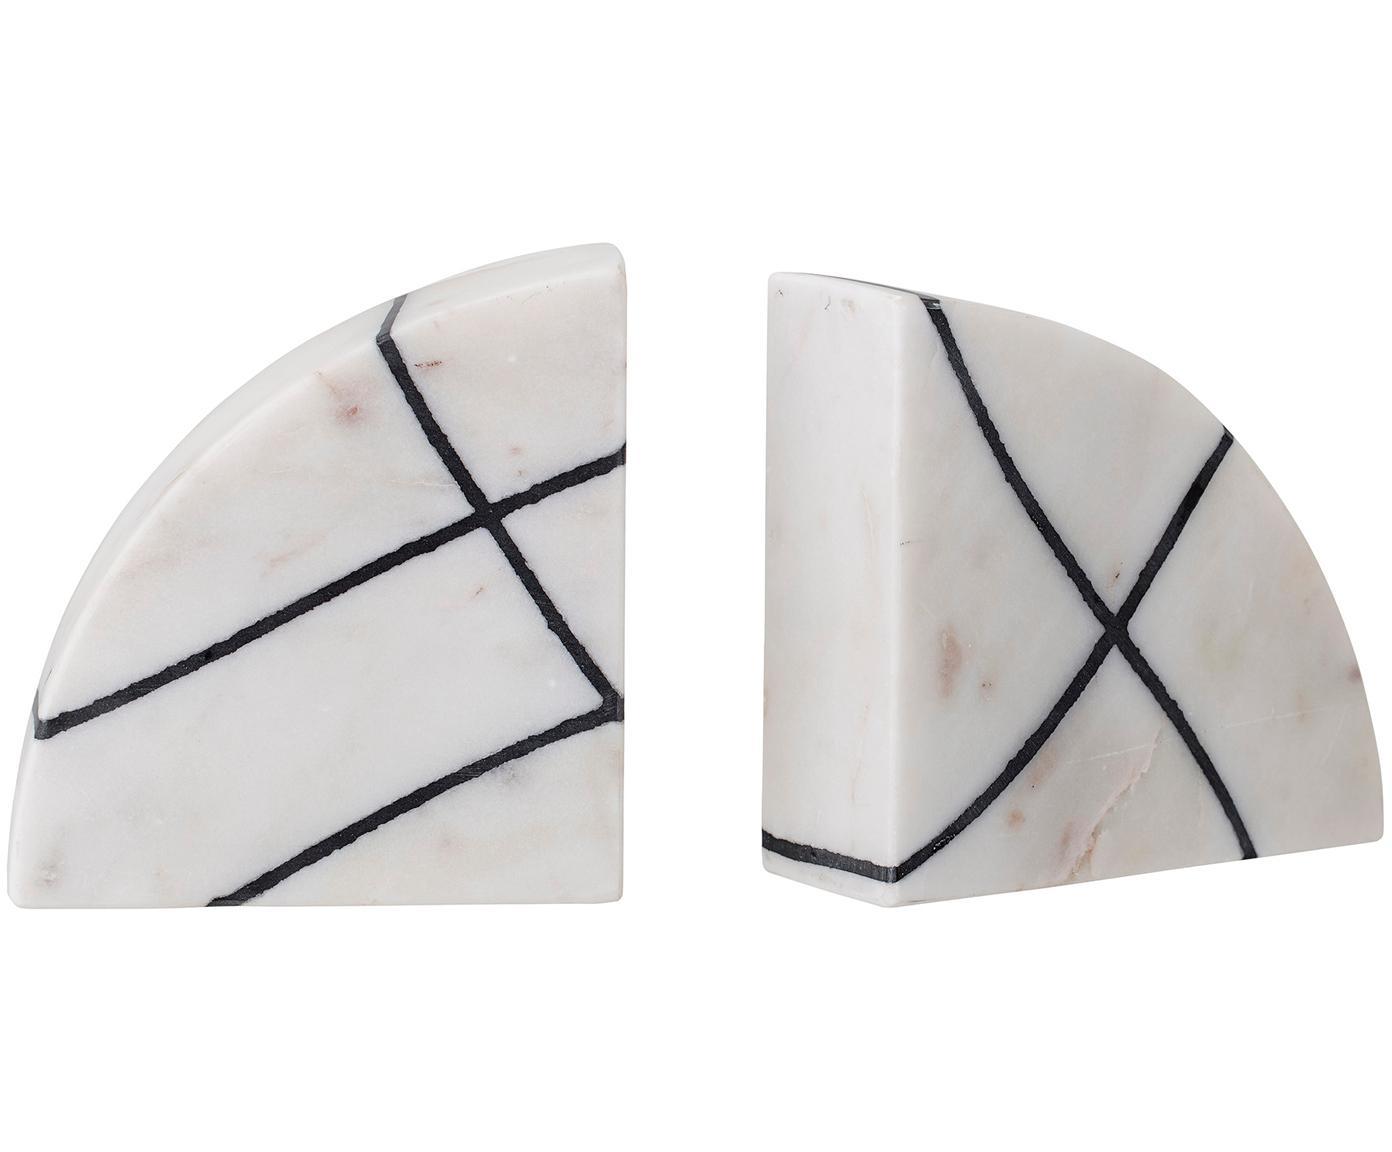 Marmor-Buchstützen-Set Whitey, 2-tlg., Marmor, Weiß, marmoriert, Schwarz, 14 x 14 cm